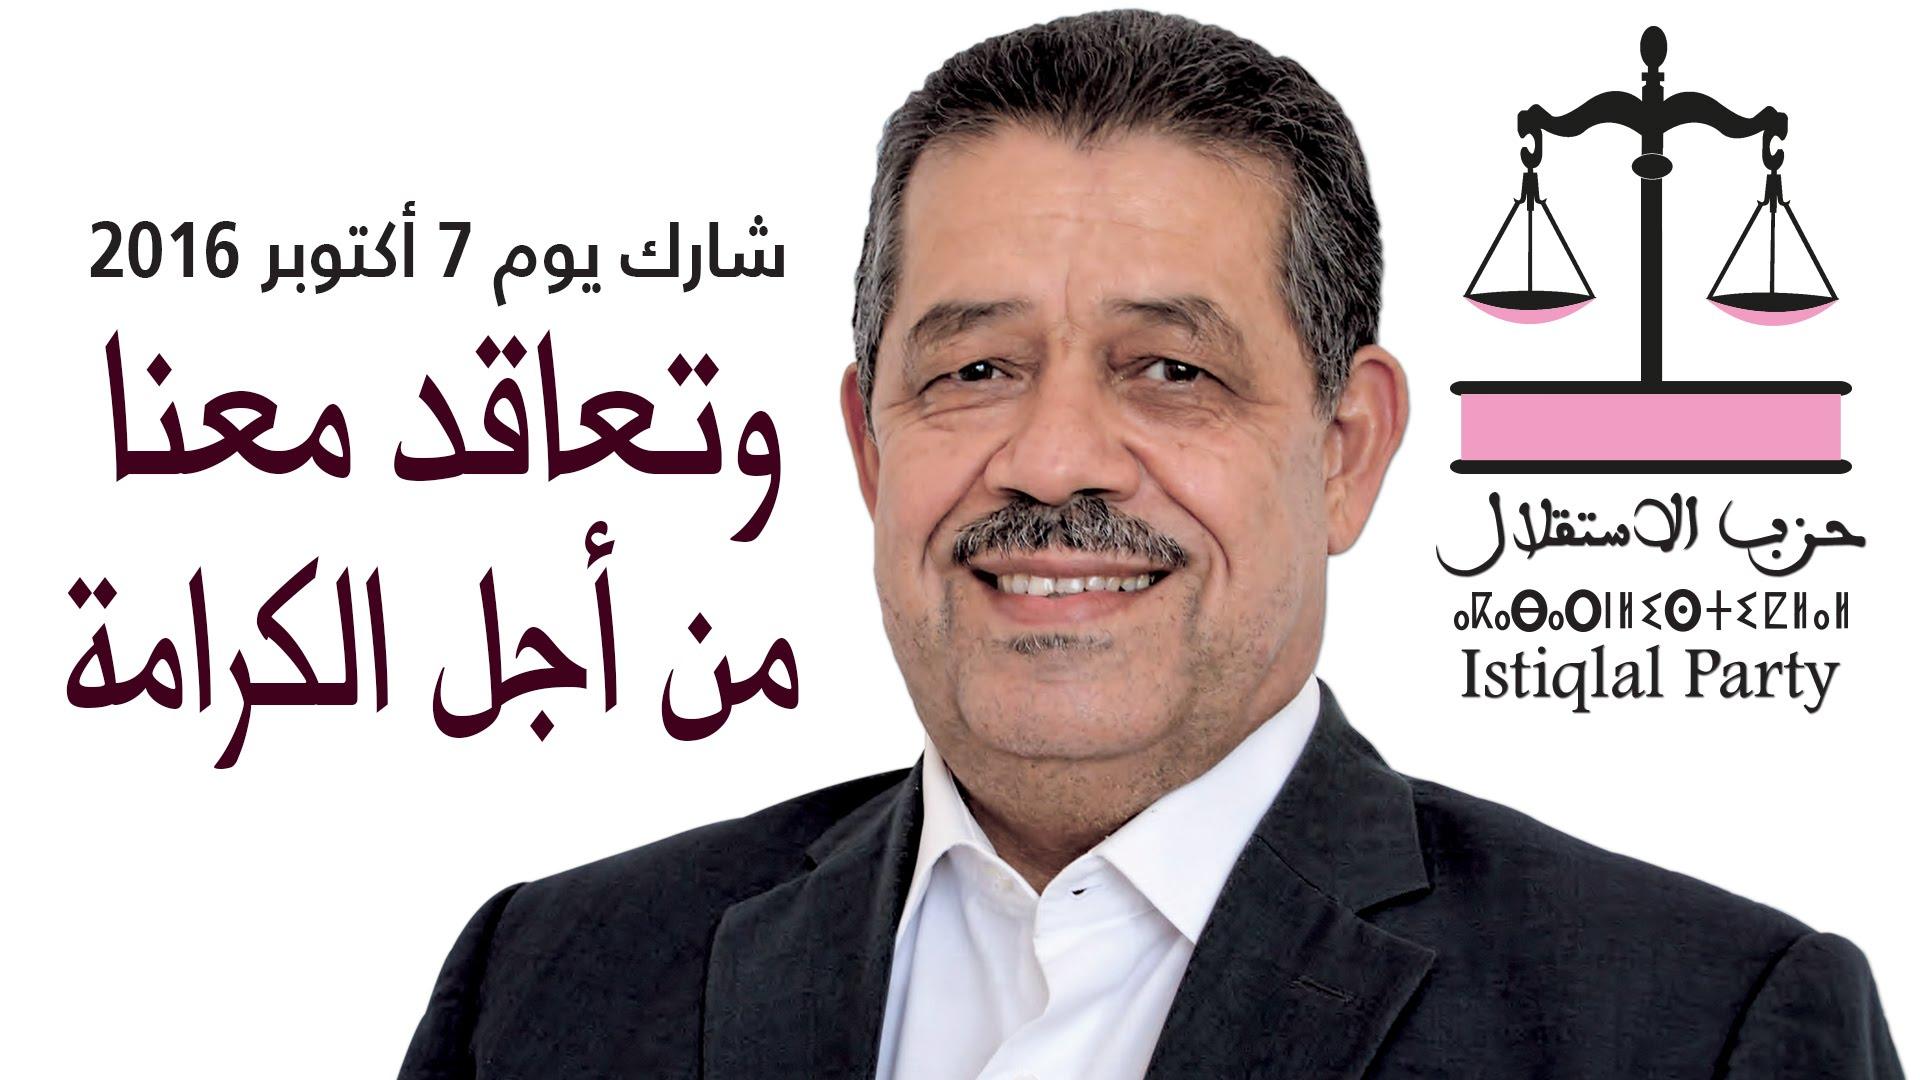 """حزب الاستقلال يحوض تشريعيات 2016 تحت شعار """"تعاقد من أجل الكرامة"""""""